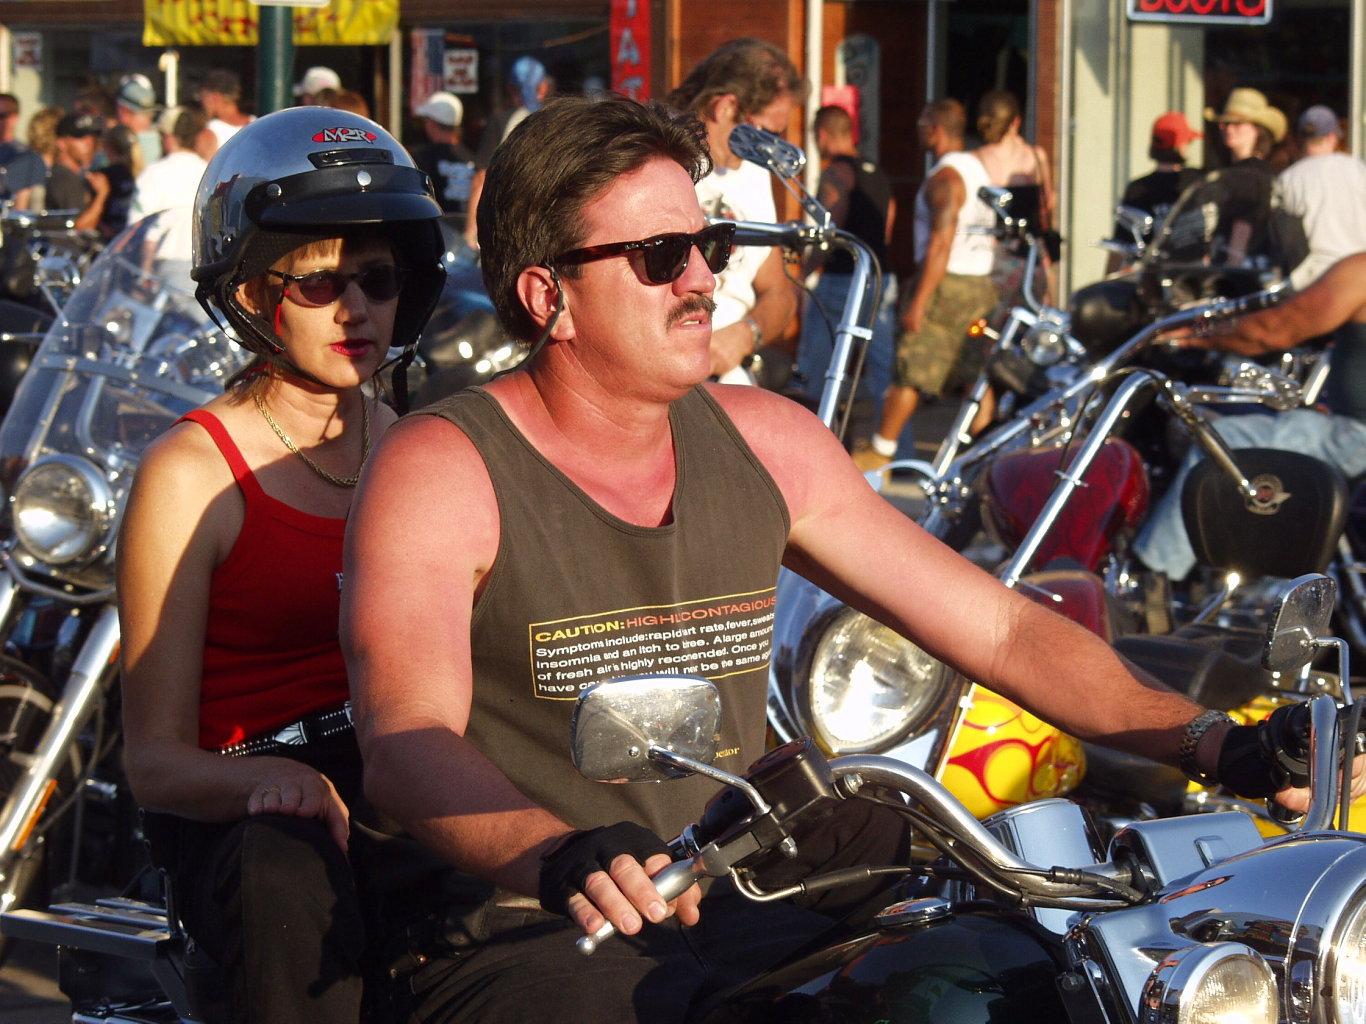 biker tan